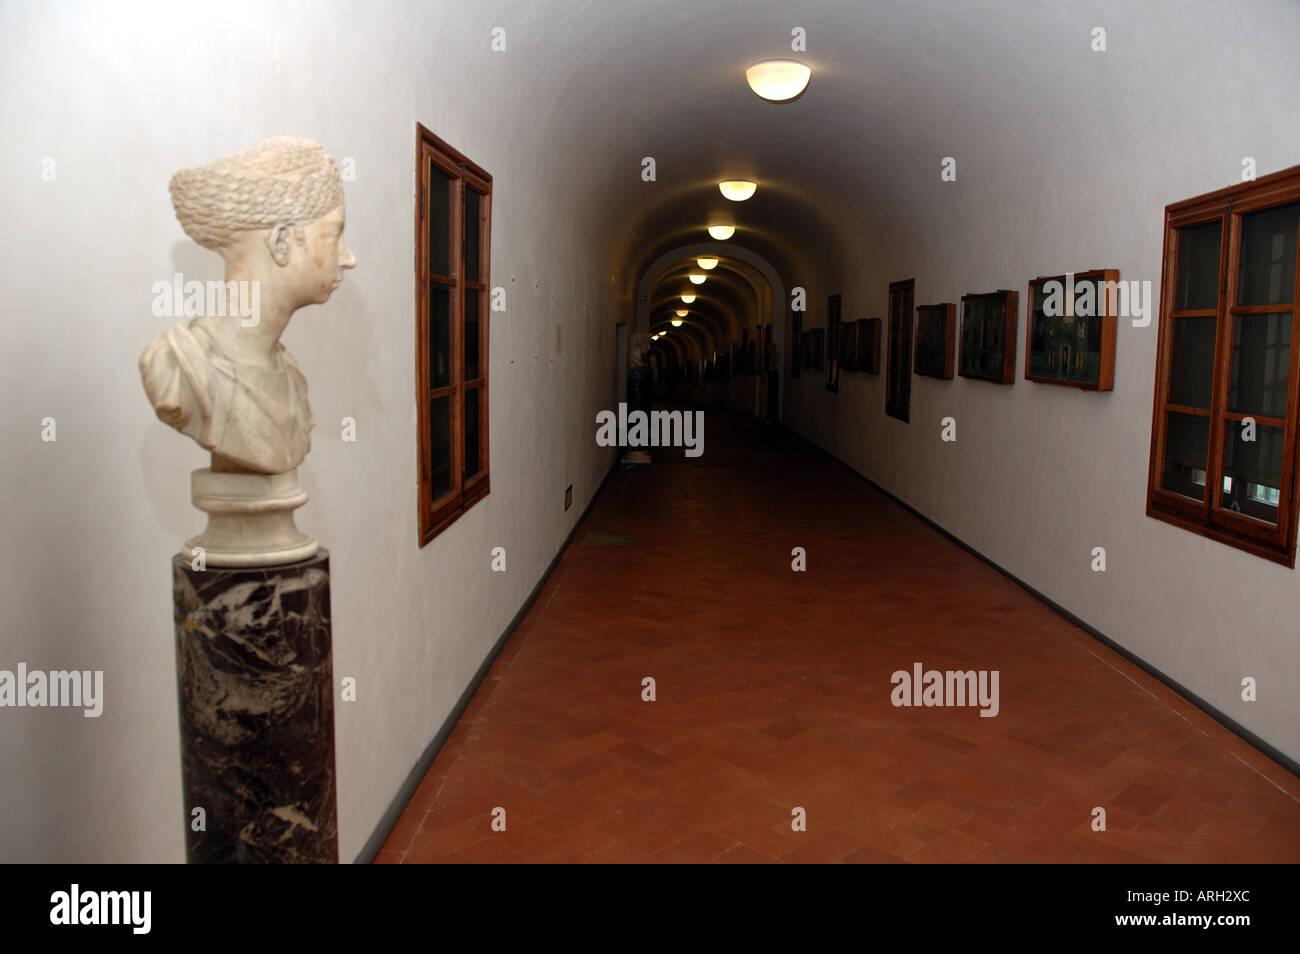 Lungo Il Corridoio In Inglese : Guardando lungo il corridoio vasariano che collega la galleria